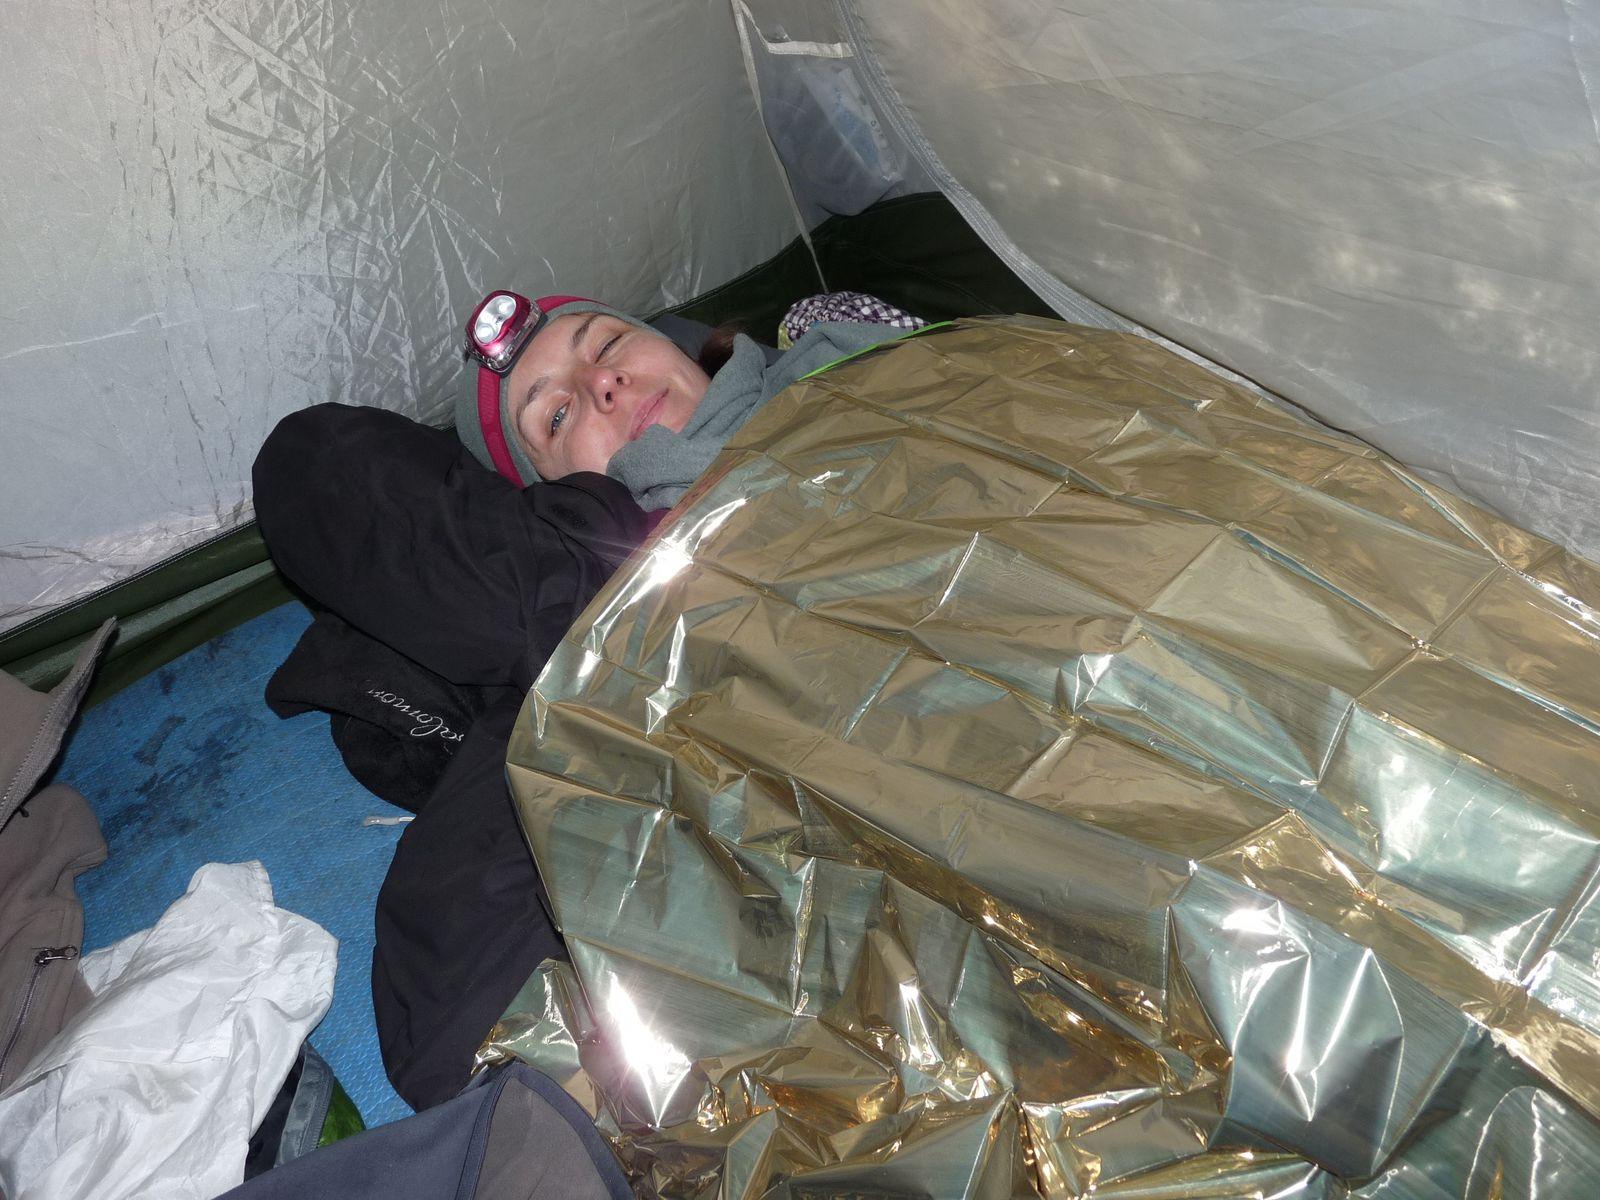 """Camper en montagne avec un sac de couchage marque """"confort 15 degres"""" n'est pas toujours une bonne idee"""